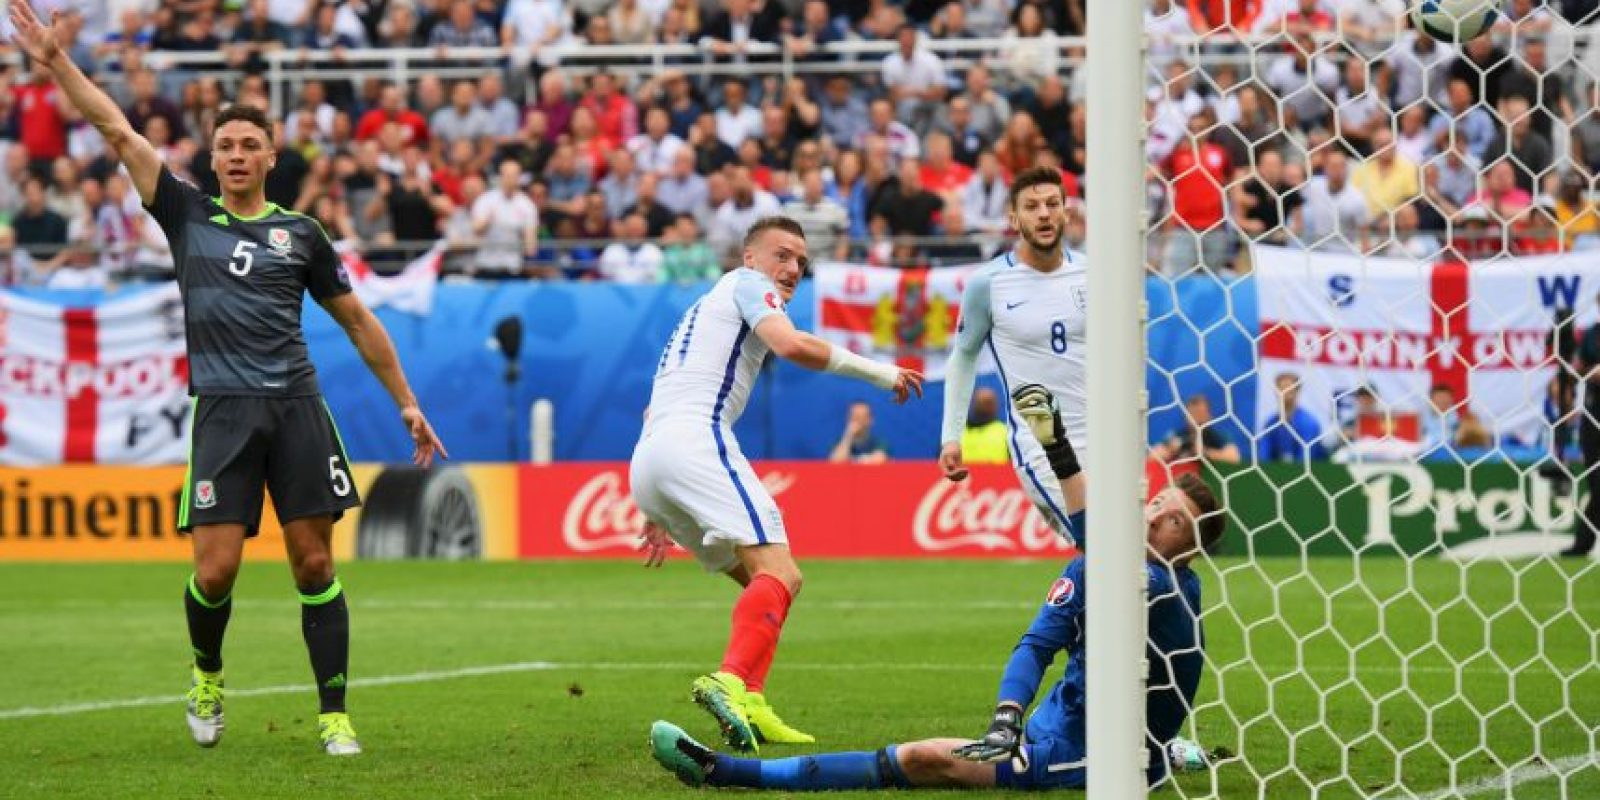 Al delantero le bastaron diez minutos en cancha para anotar el empate ante Gales, que luego terminó en victoria por 2 a 1 Foto:Getty Images